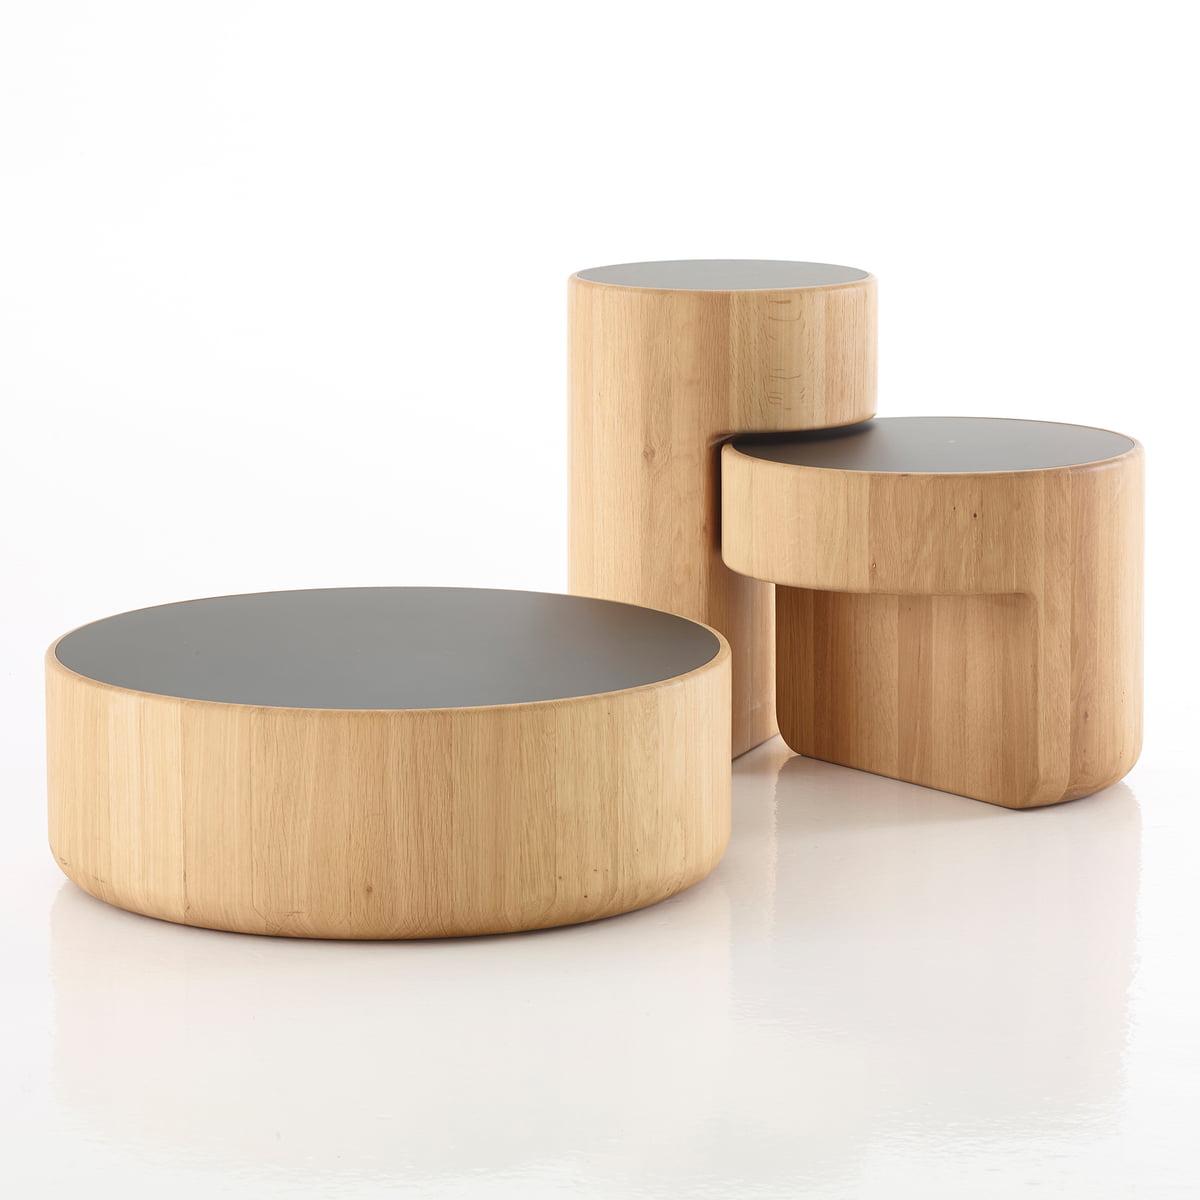 acheter dans l'e-boutique les tables gigognes levels de peruse